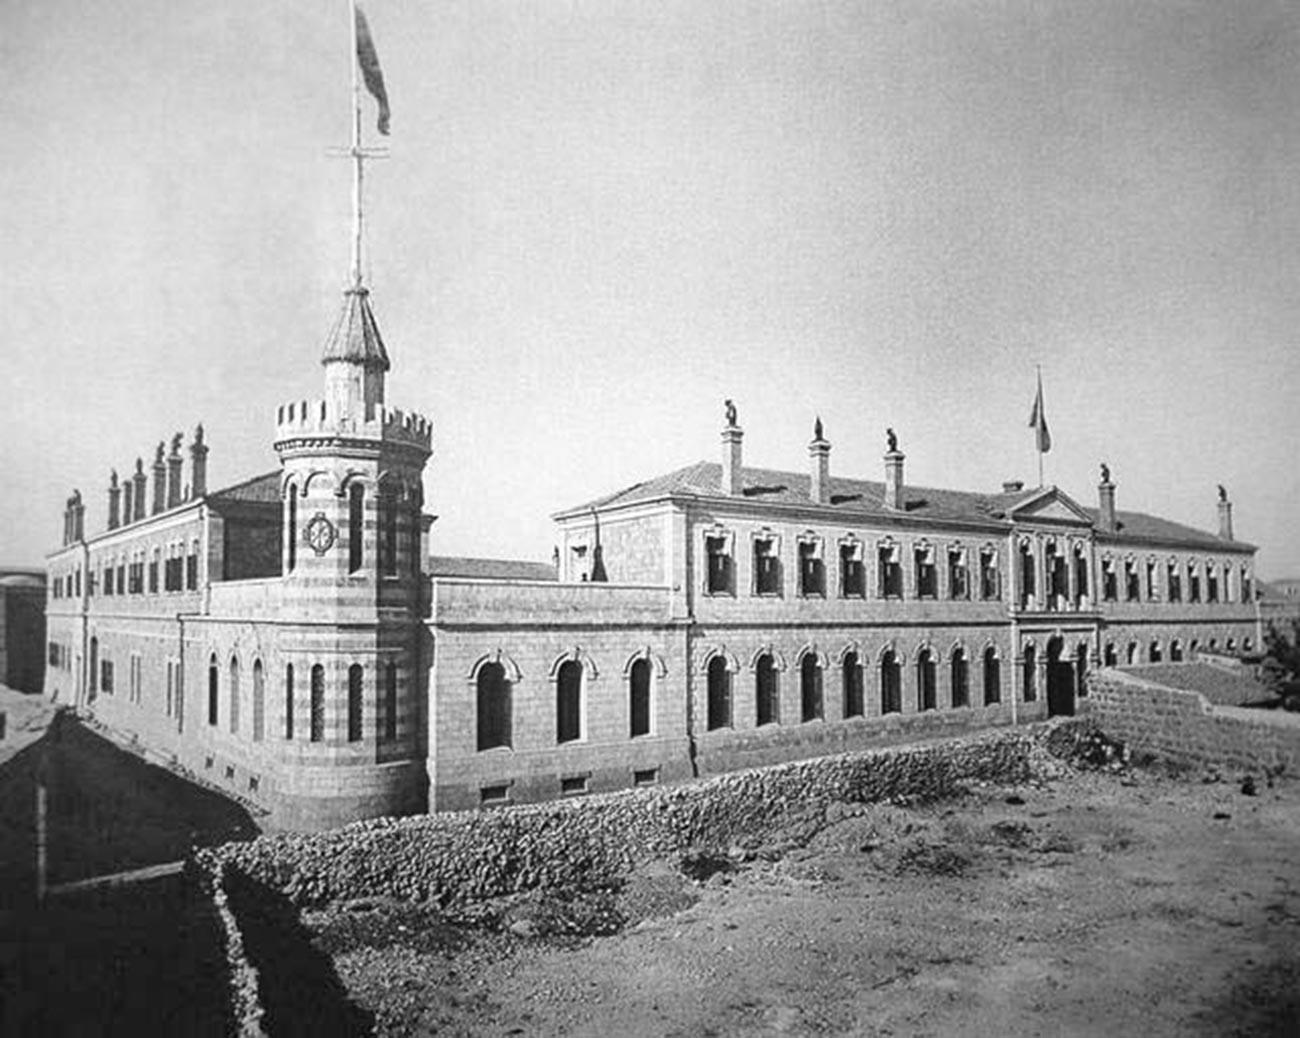 Сергијево подворје Императорског православног палестинског друштва (ИППО) са заставом ИППО, 1889.